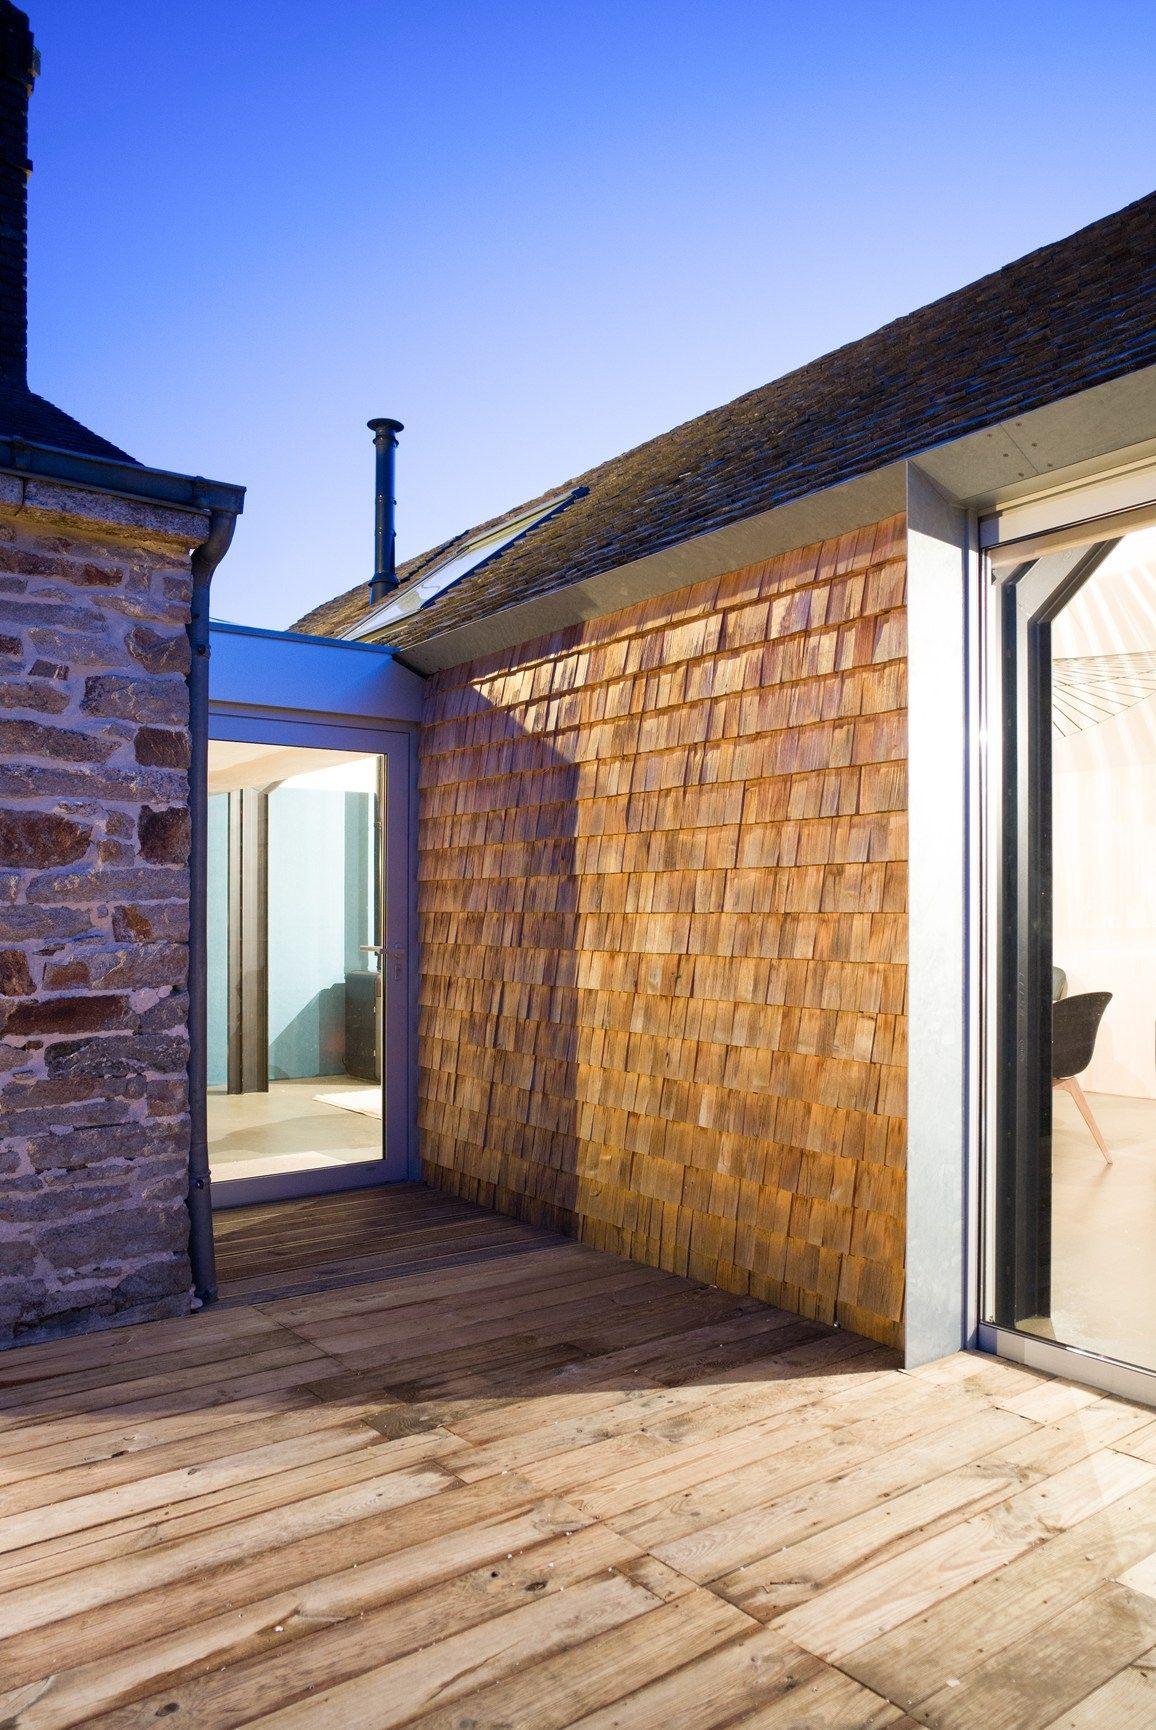 Pellet o legna per riscaldare la casa con mcz - Giardino d inverno normativa ...